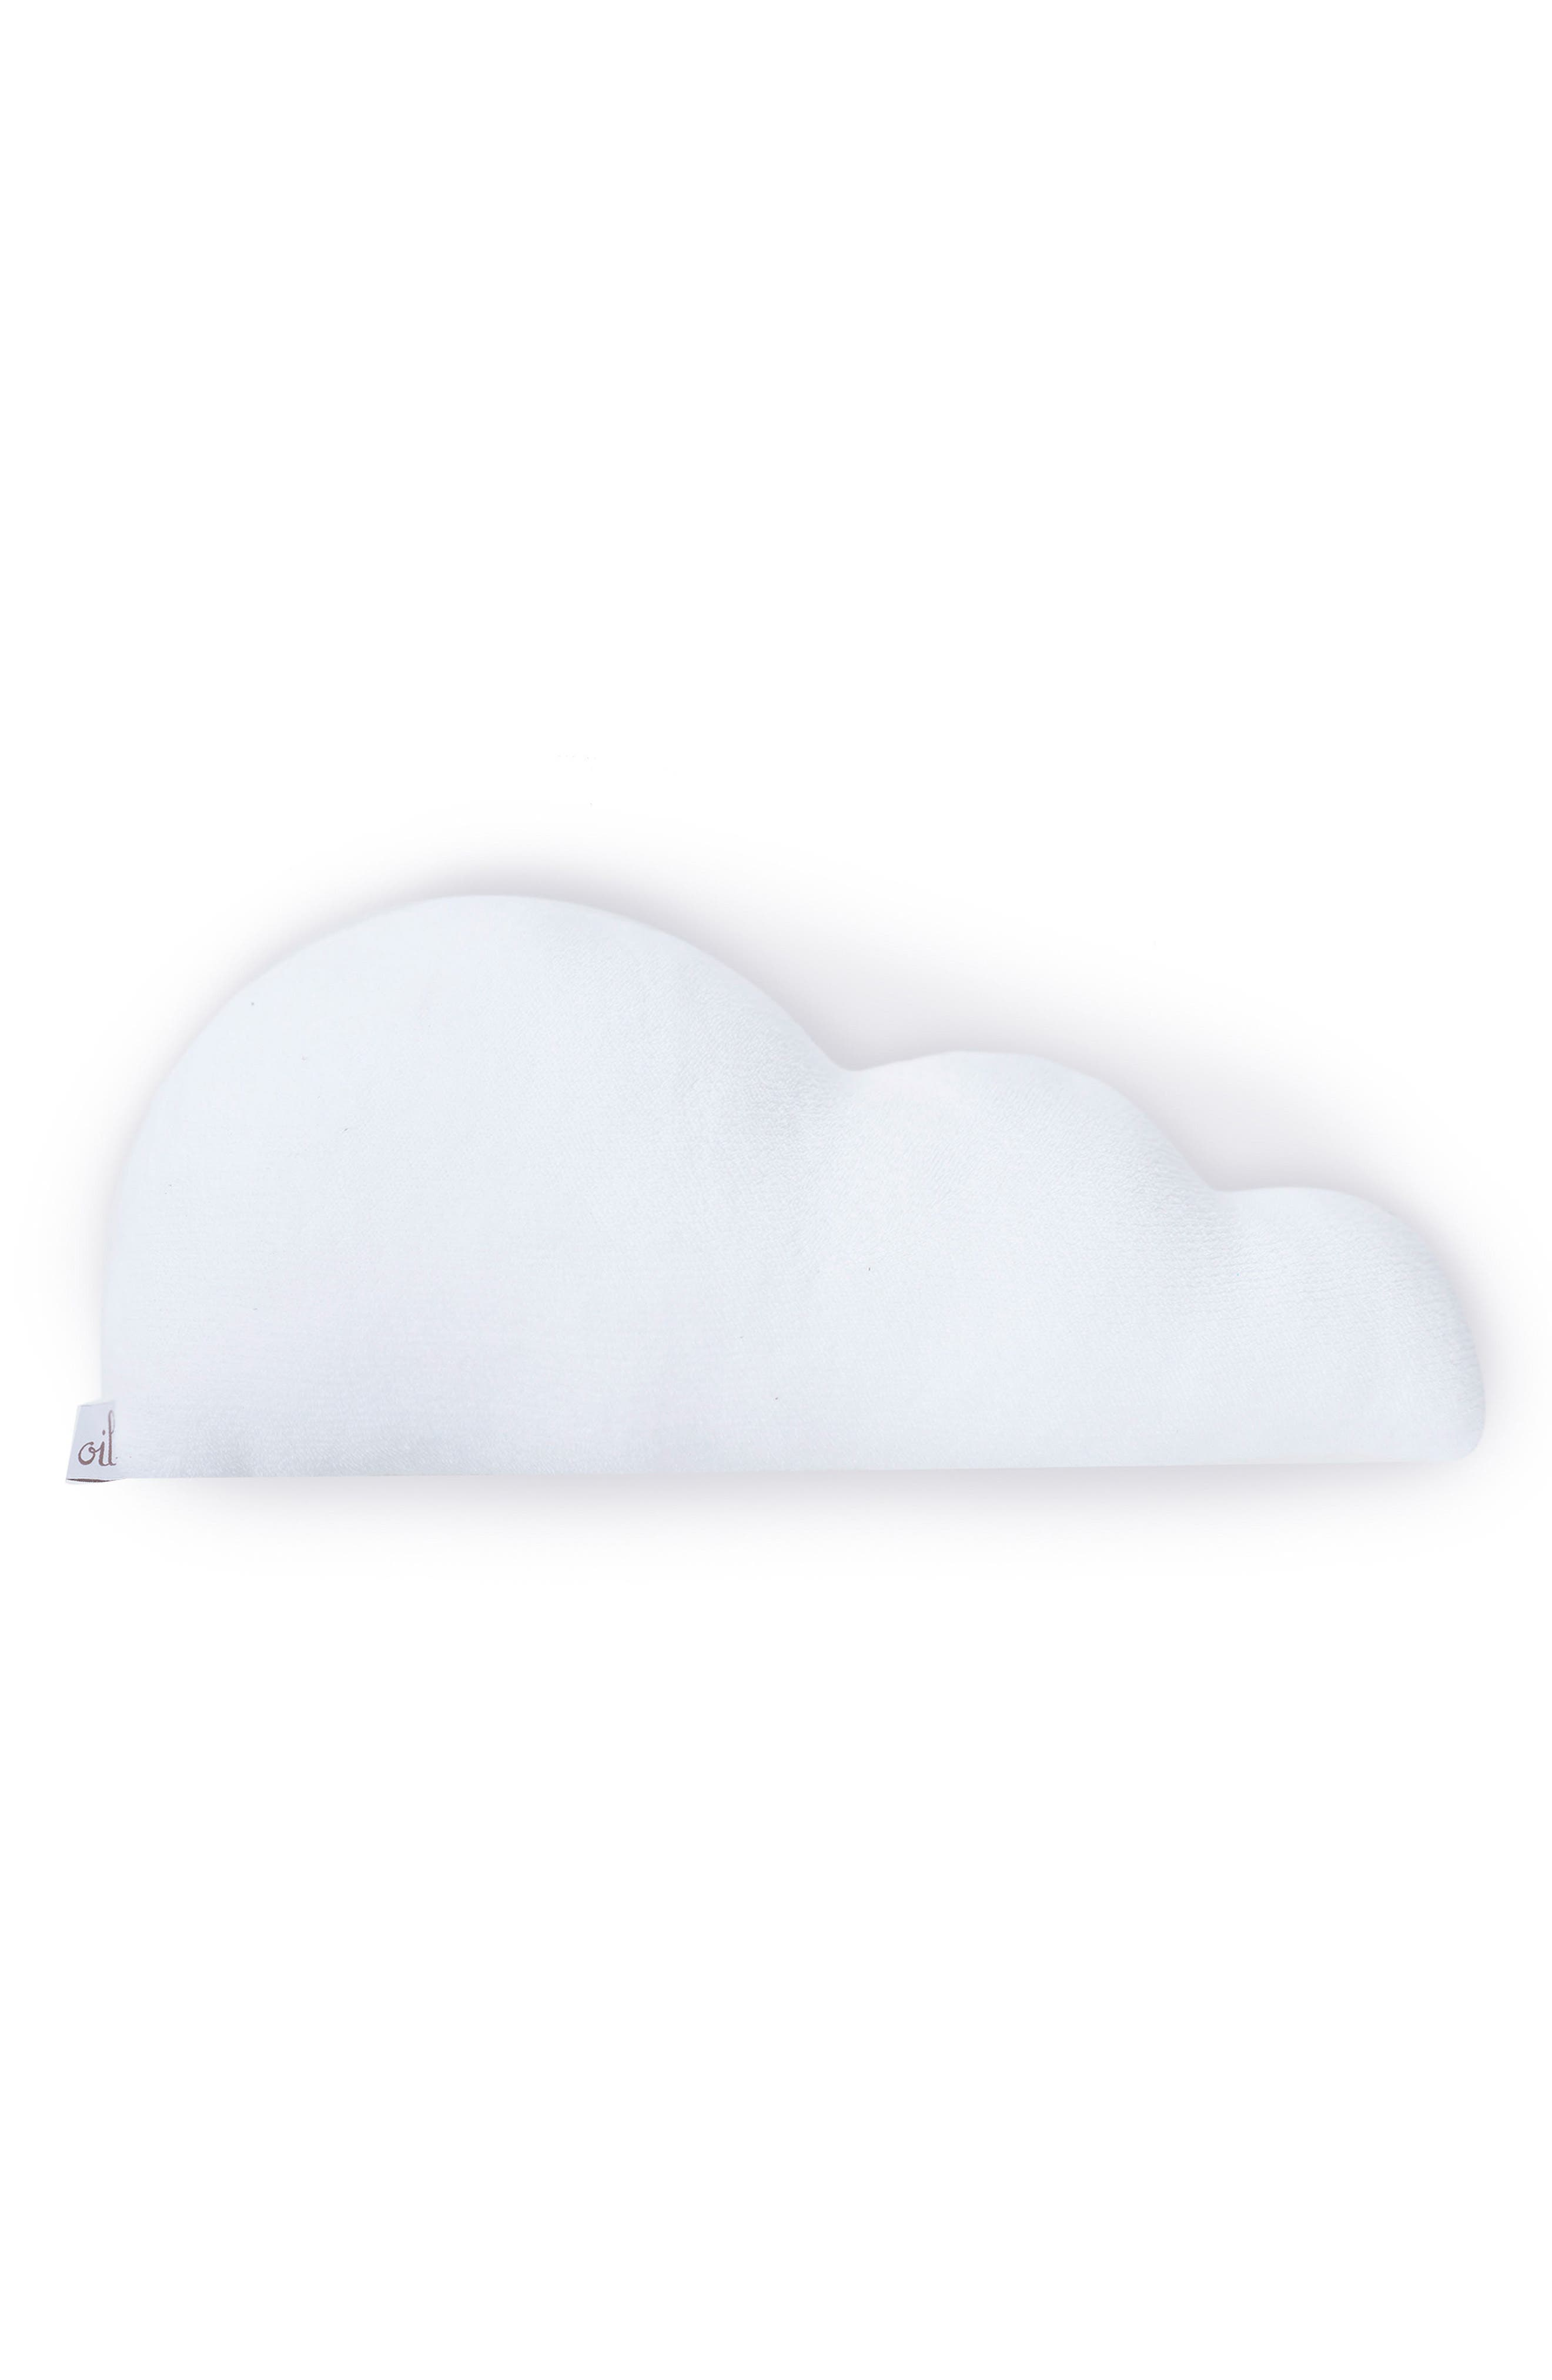 OILO,                             Indigo Moon & White Cloud Pillow Set,                             Alternate thumbnail 2, color,                             400